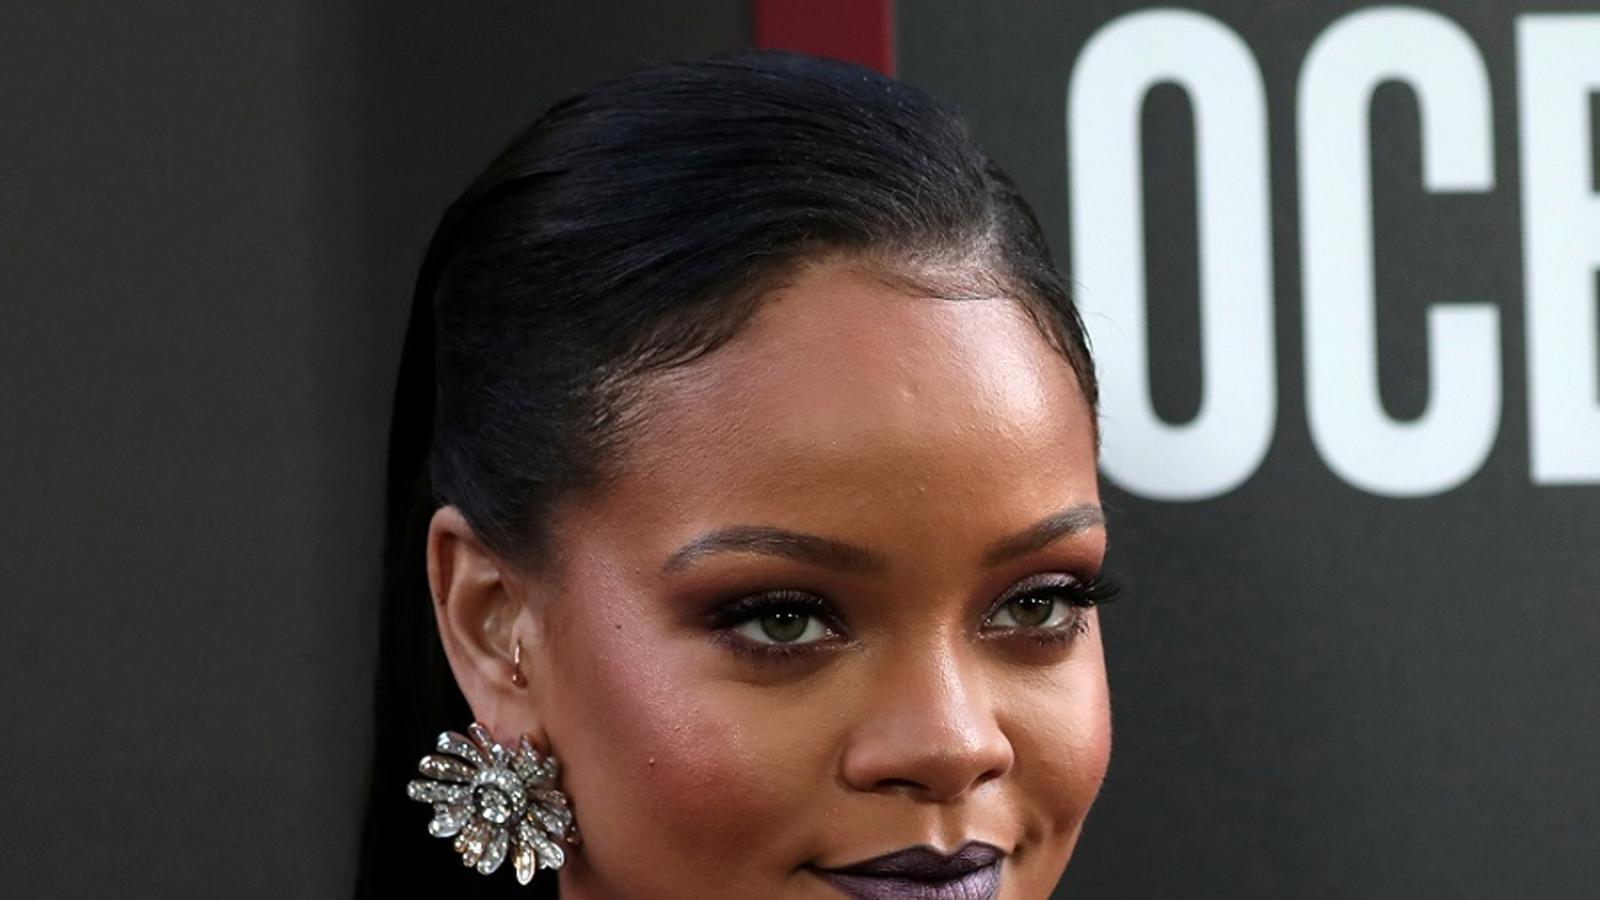 Des de fa anys Rihanna té una relació problemàtica amb el seu pare